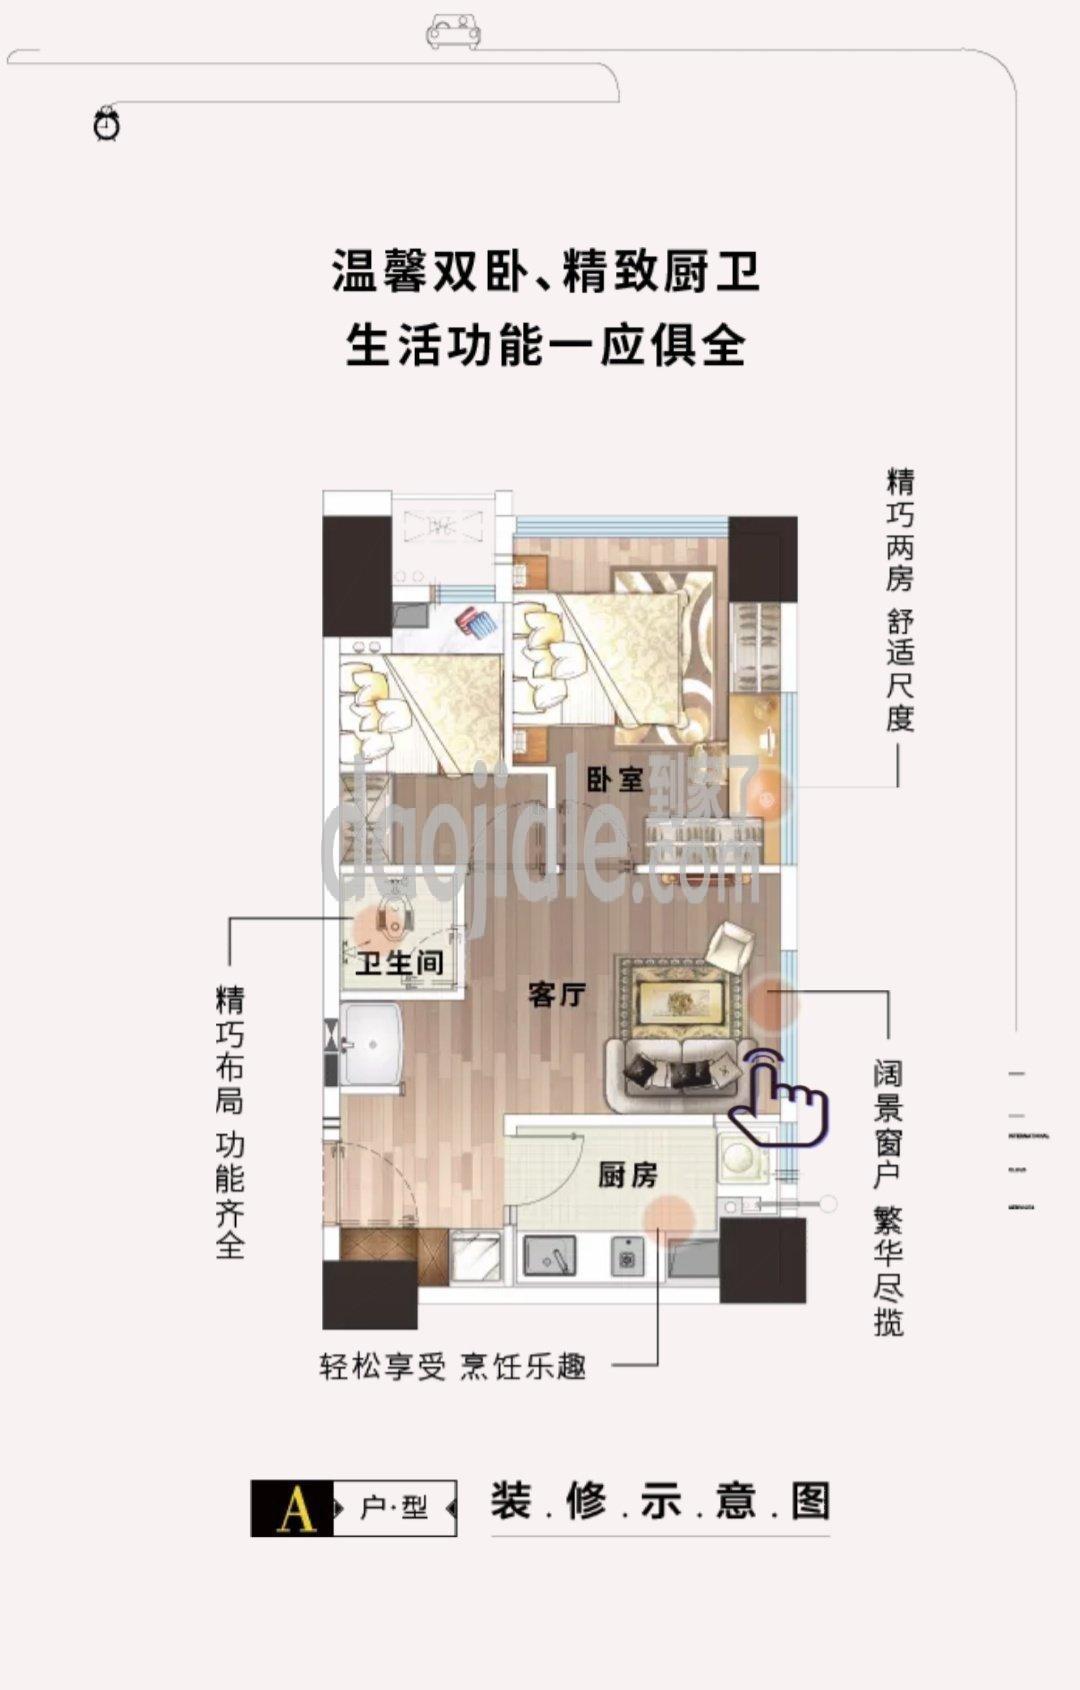 渝中区大坪和泓渝中界新房A户型户型图